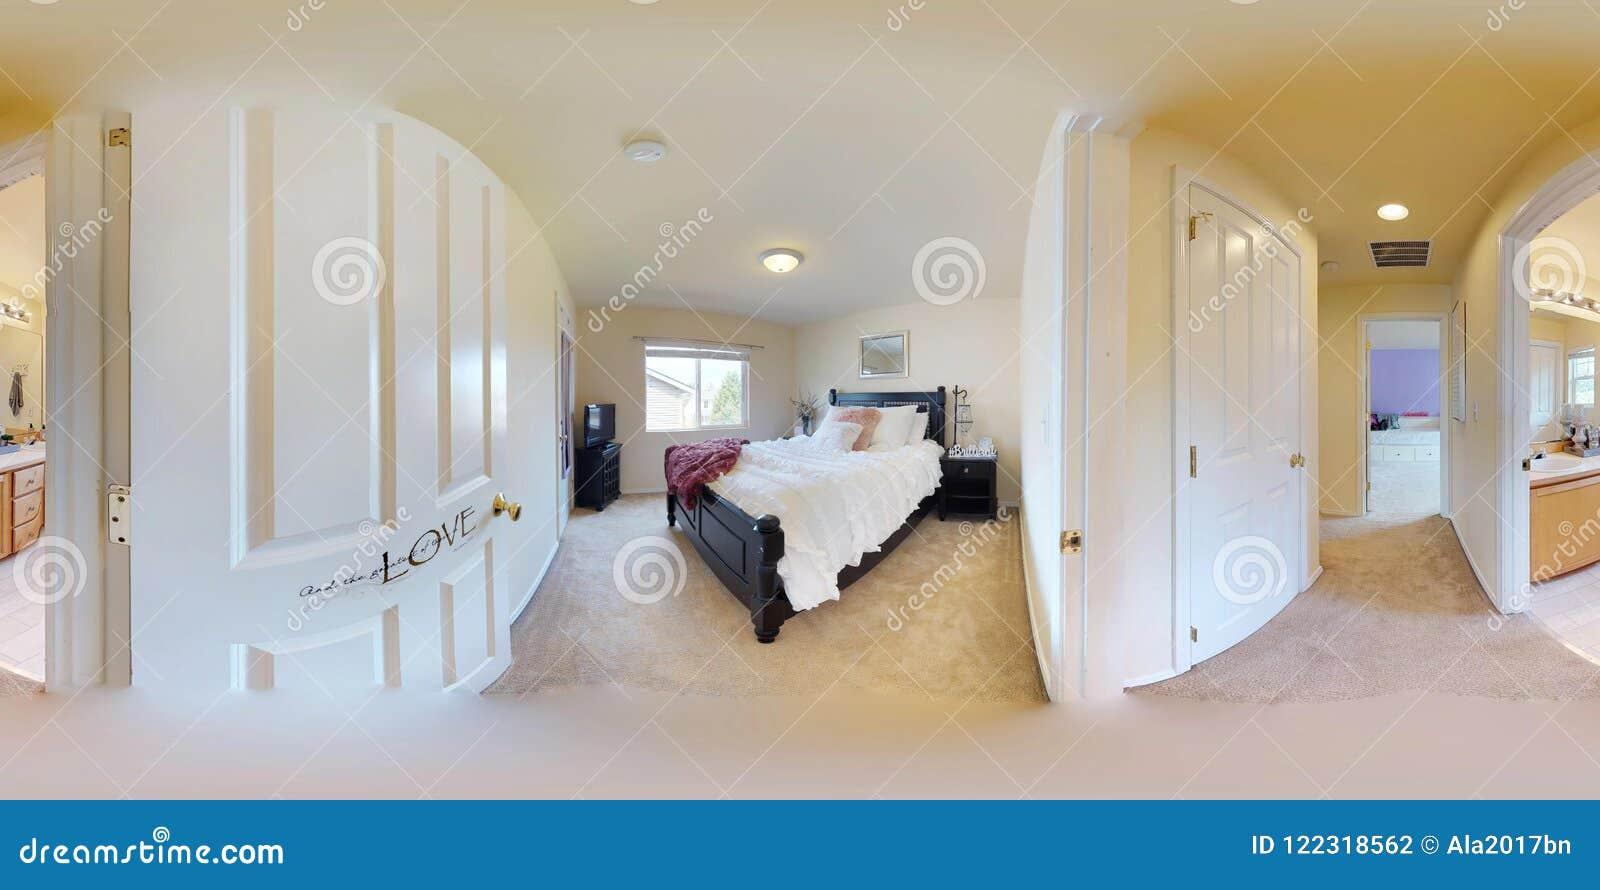 Kugelförmige 360 Grad der Illustration 3d, ein nahtloses Panorama des Schlafzimmers mit Königgrößenbett